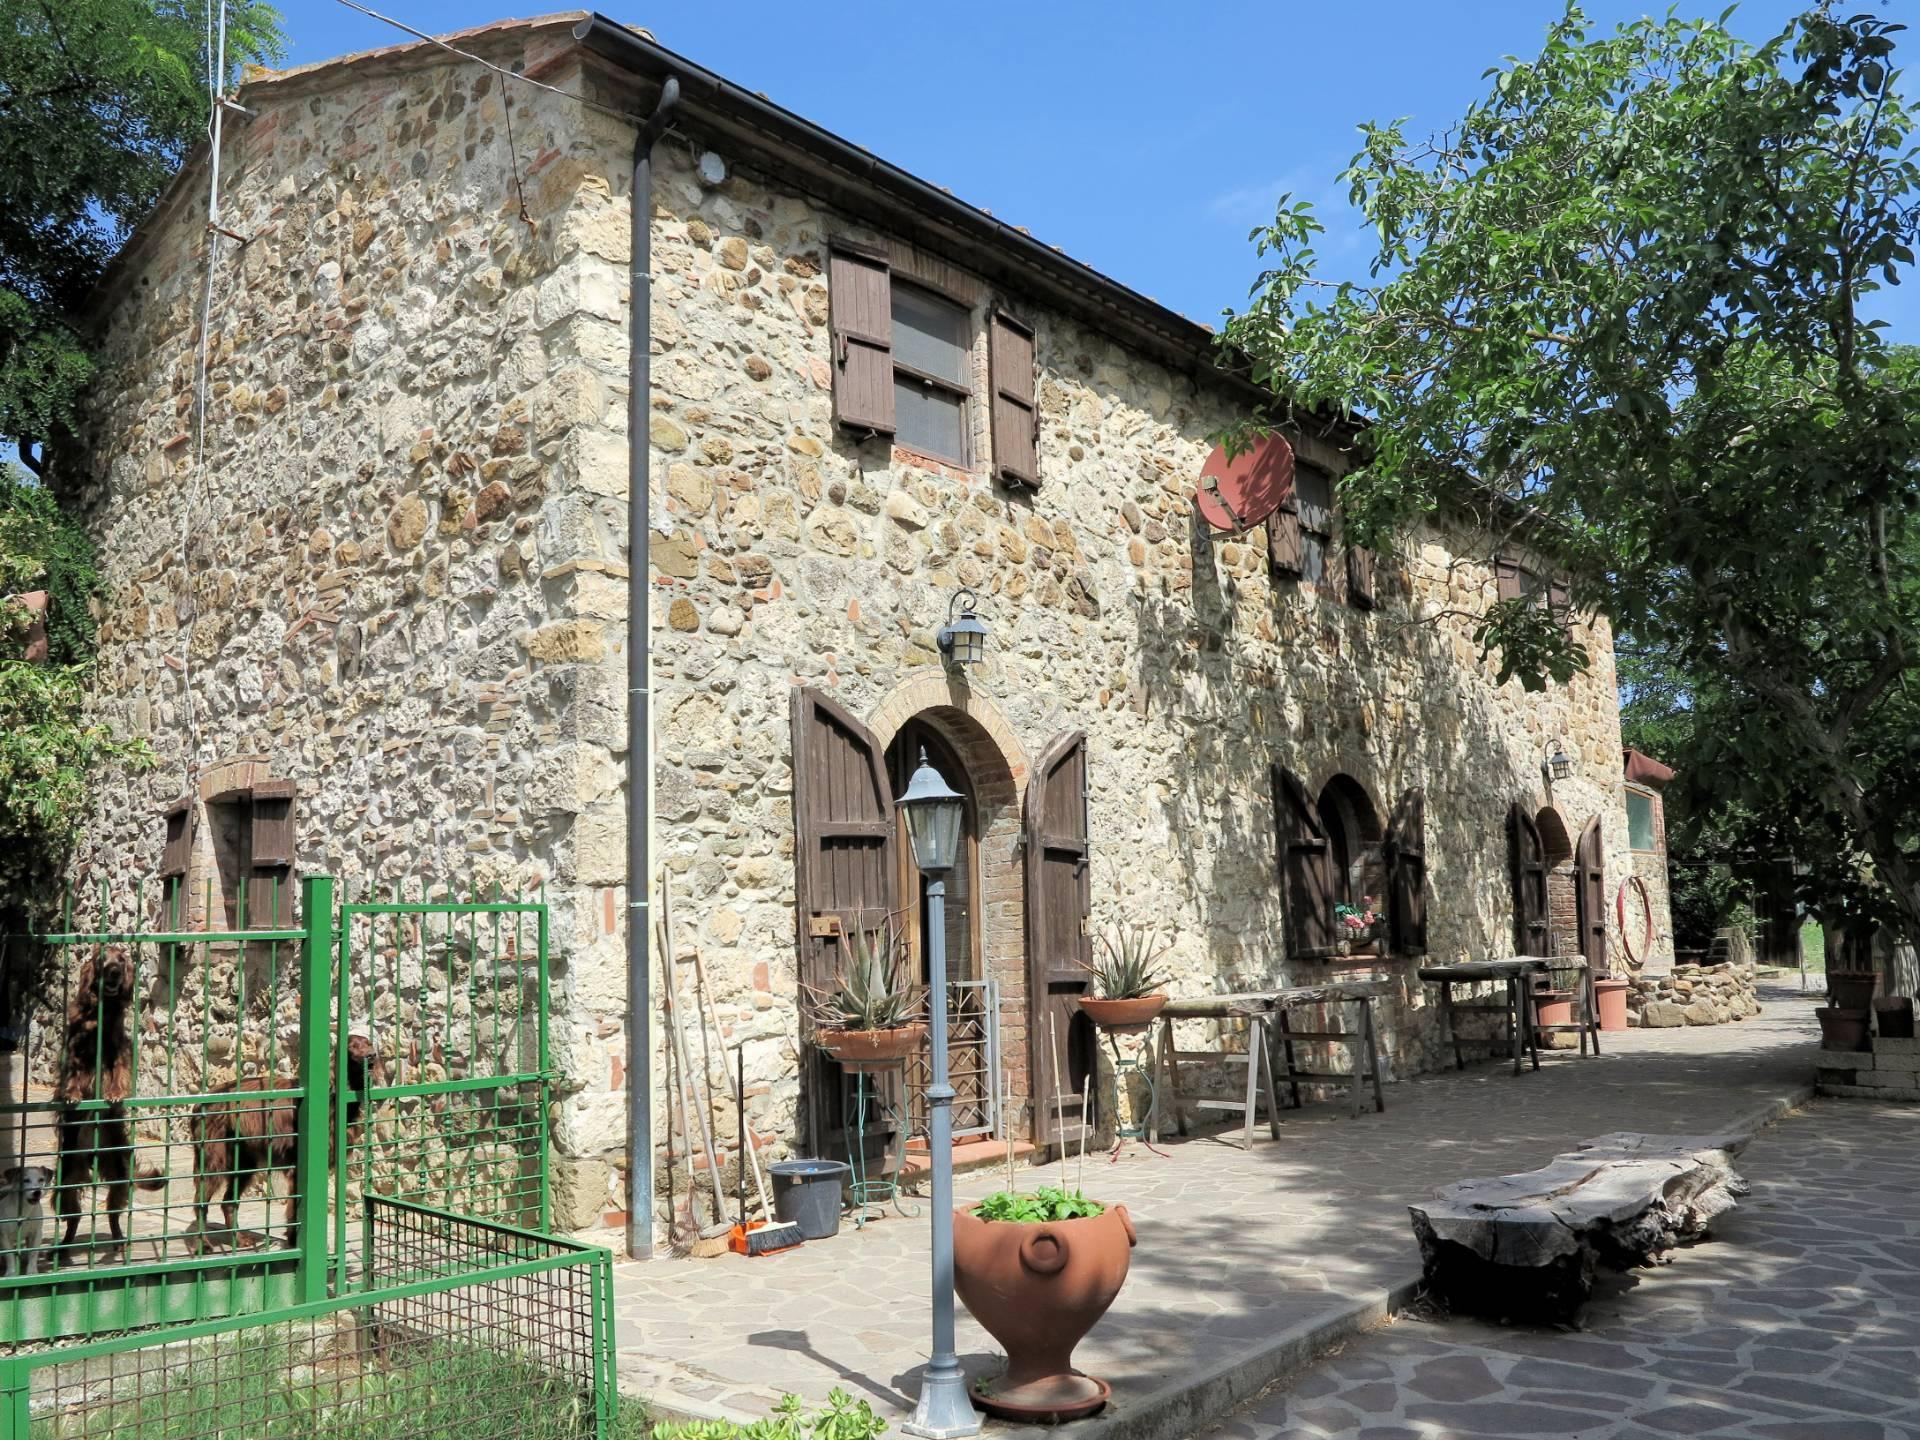 1262-Rustico in stile Toscano con terreno in splendida posizione-Monterotondo Marittimo-1 Agenzia Immobiliare ASIP